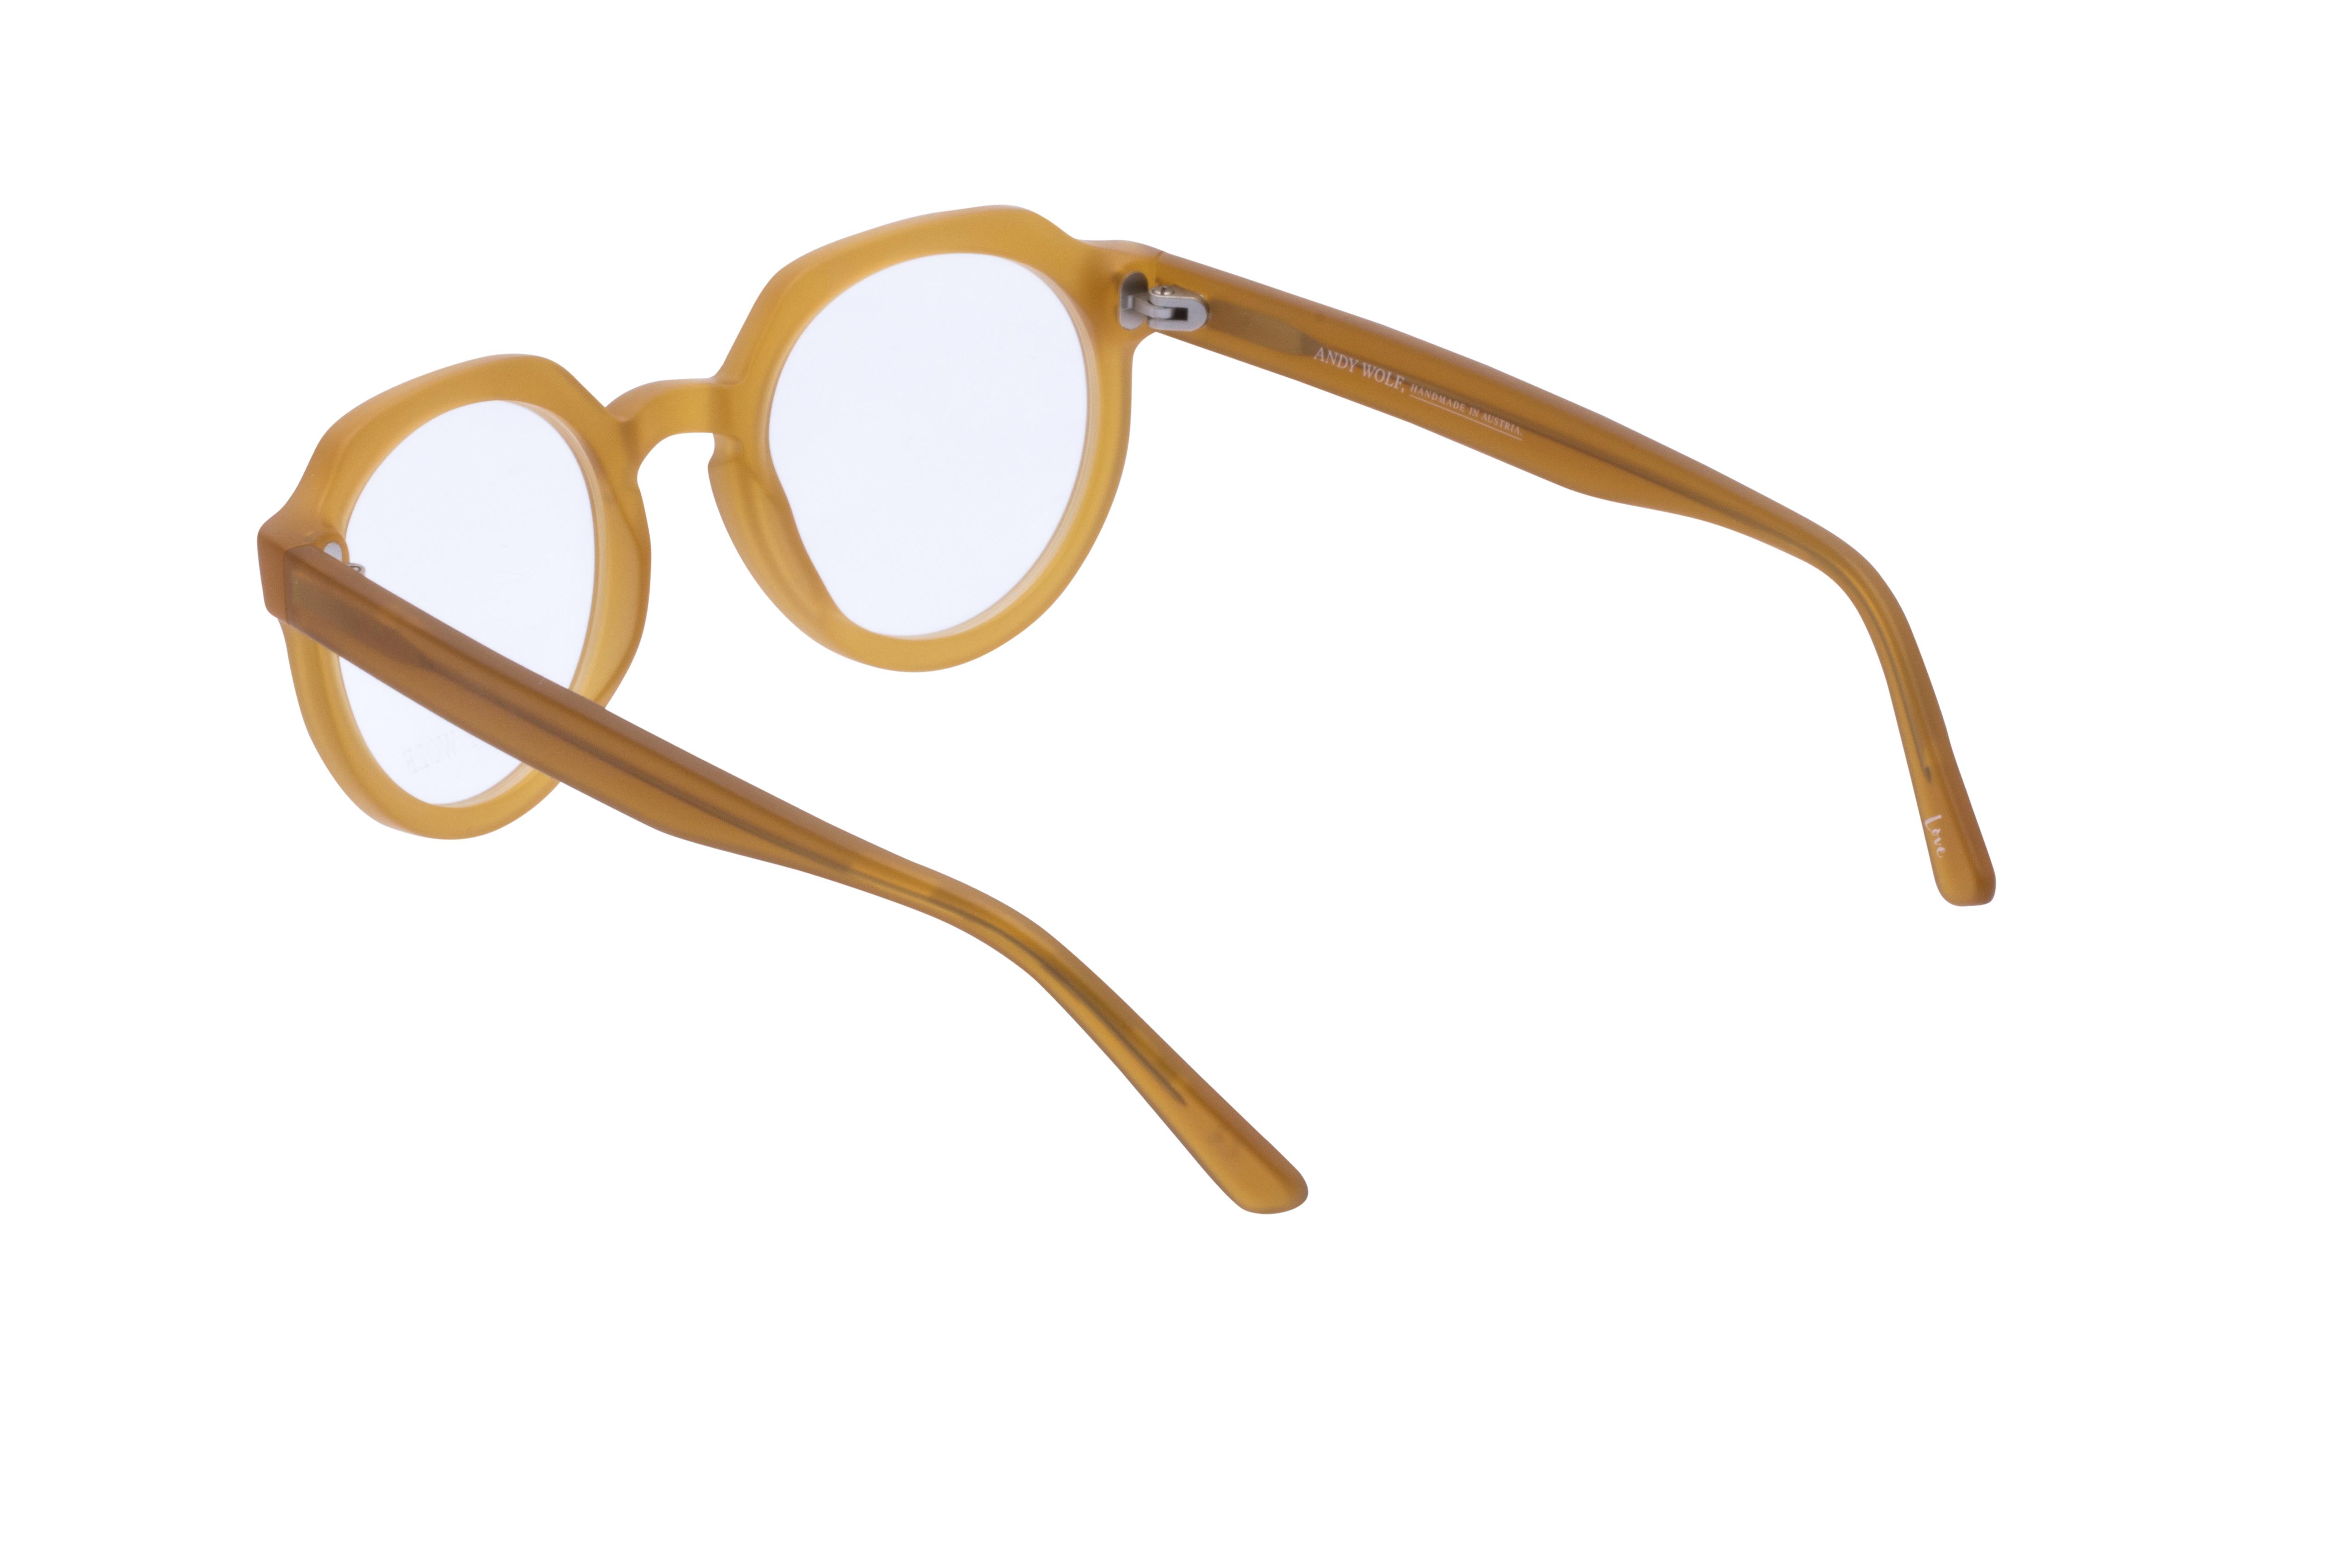 360 Grad Ansicht 15 Andy Wolf 4570, Brille auf Weiß - Fassung bei KUNK